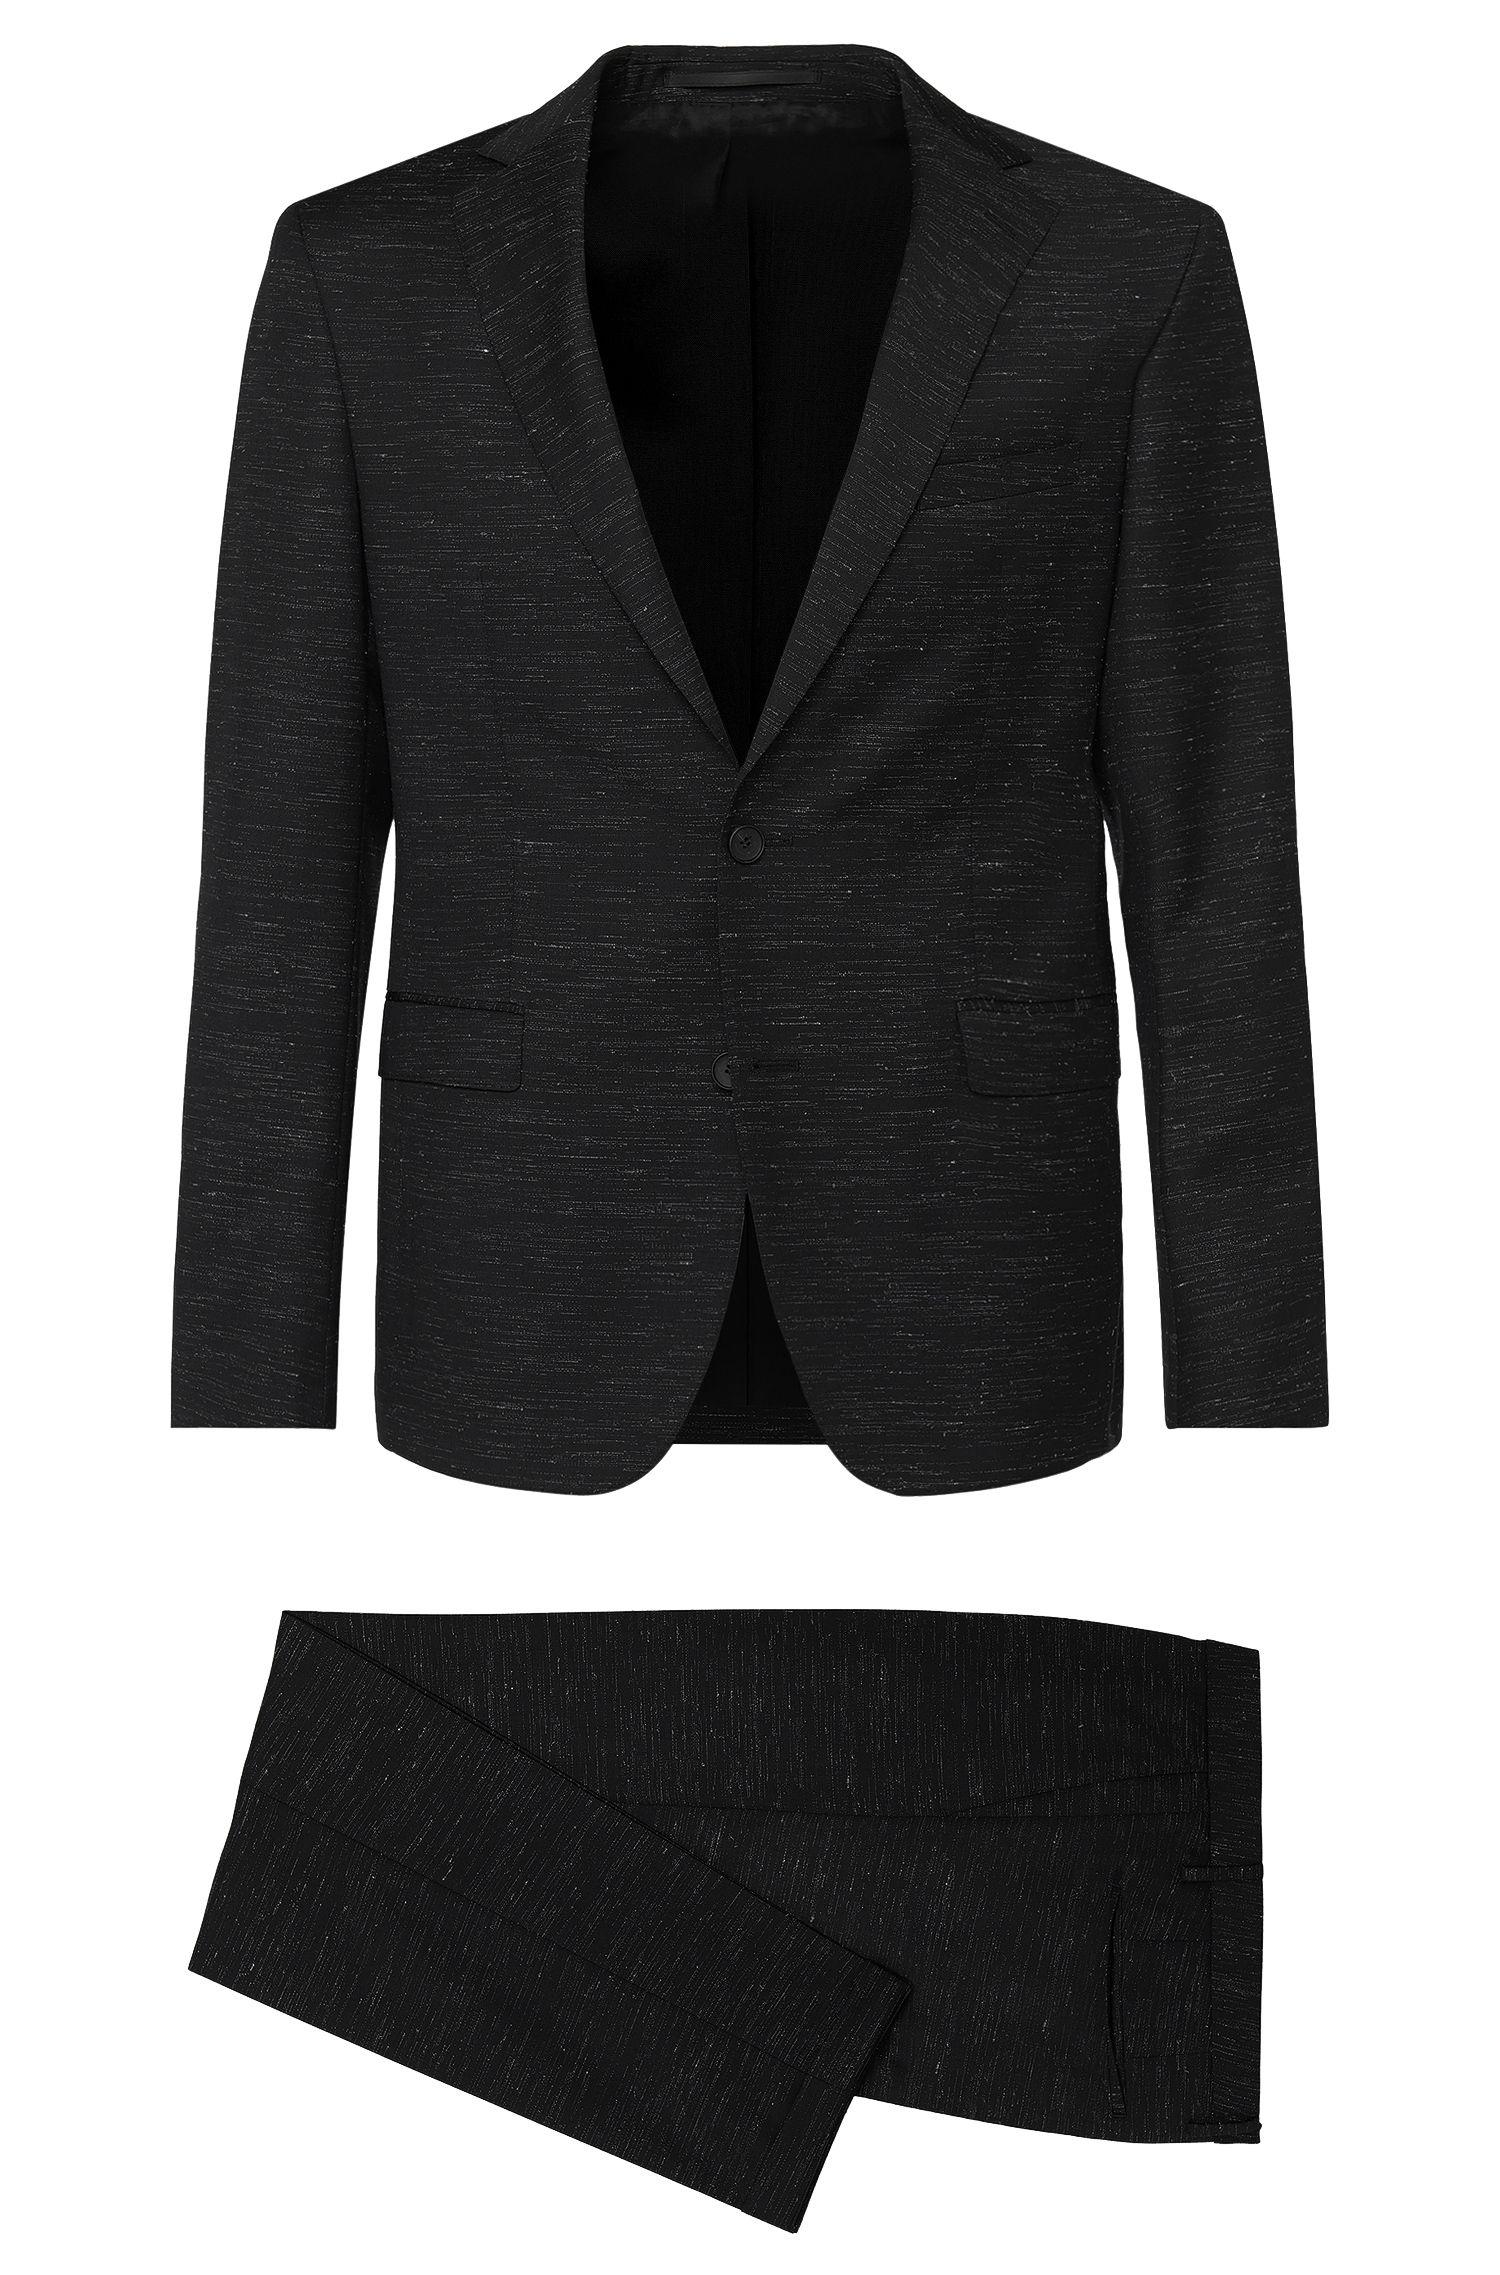 'Reyno/Wave' |  Extra Slim Fit, Super 110 Virgin Wool Suit